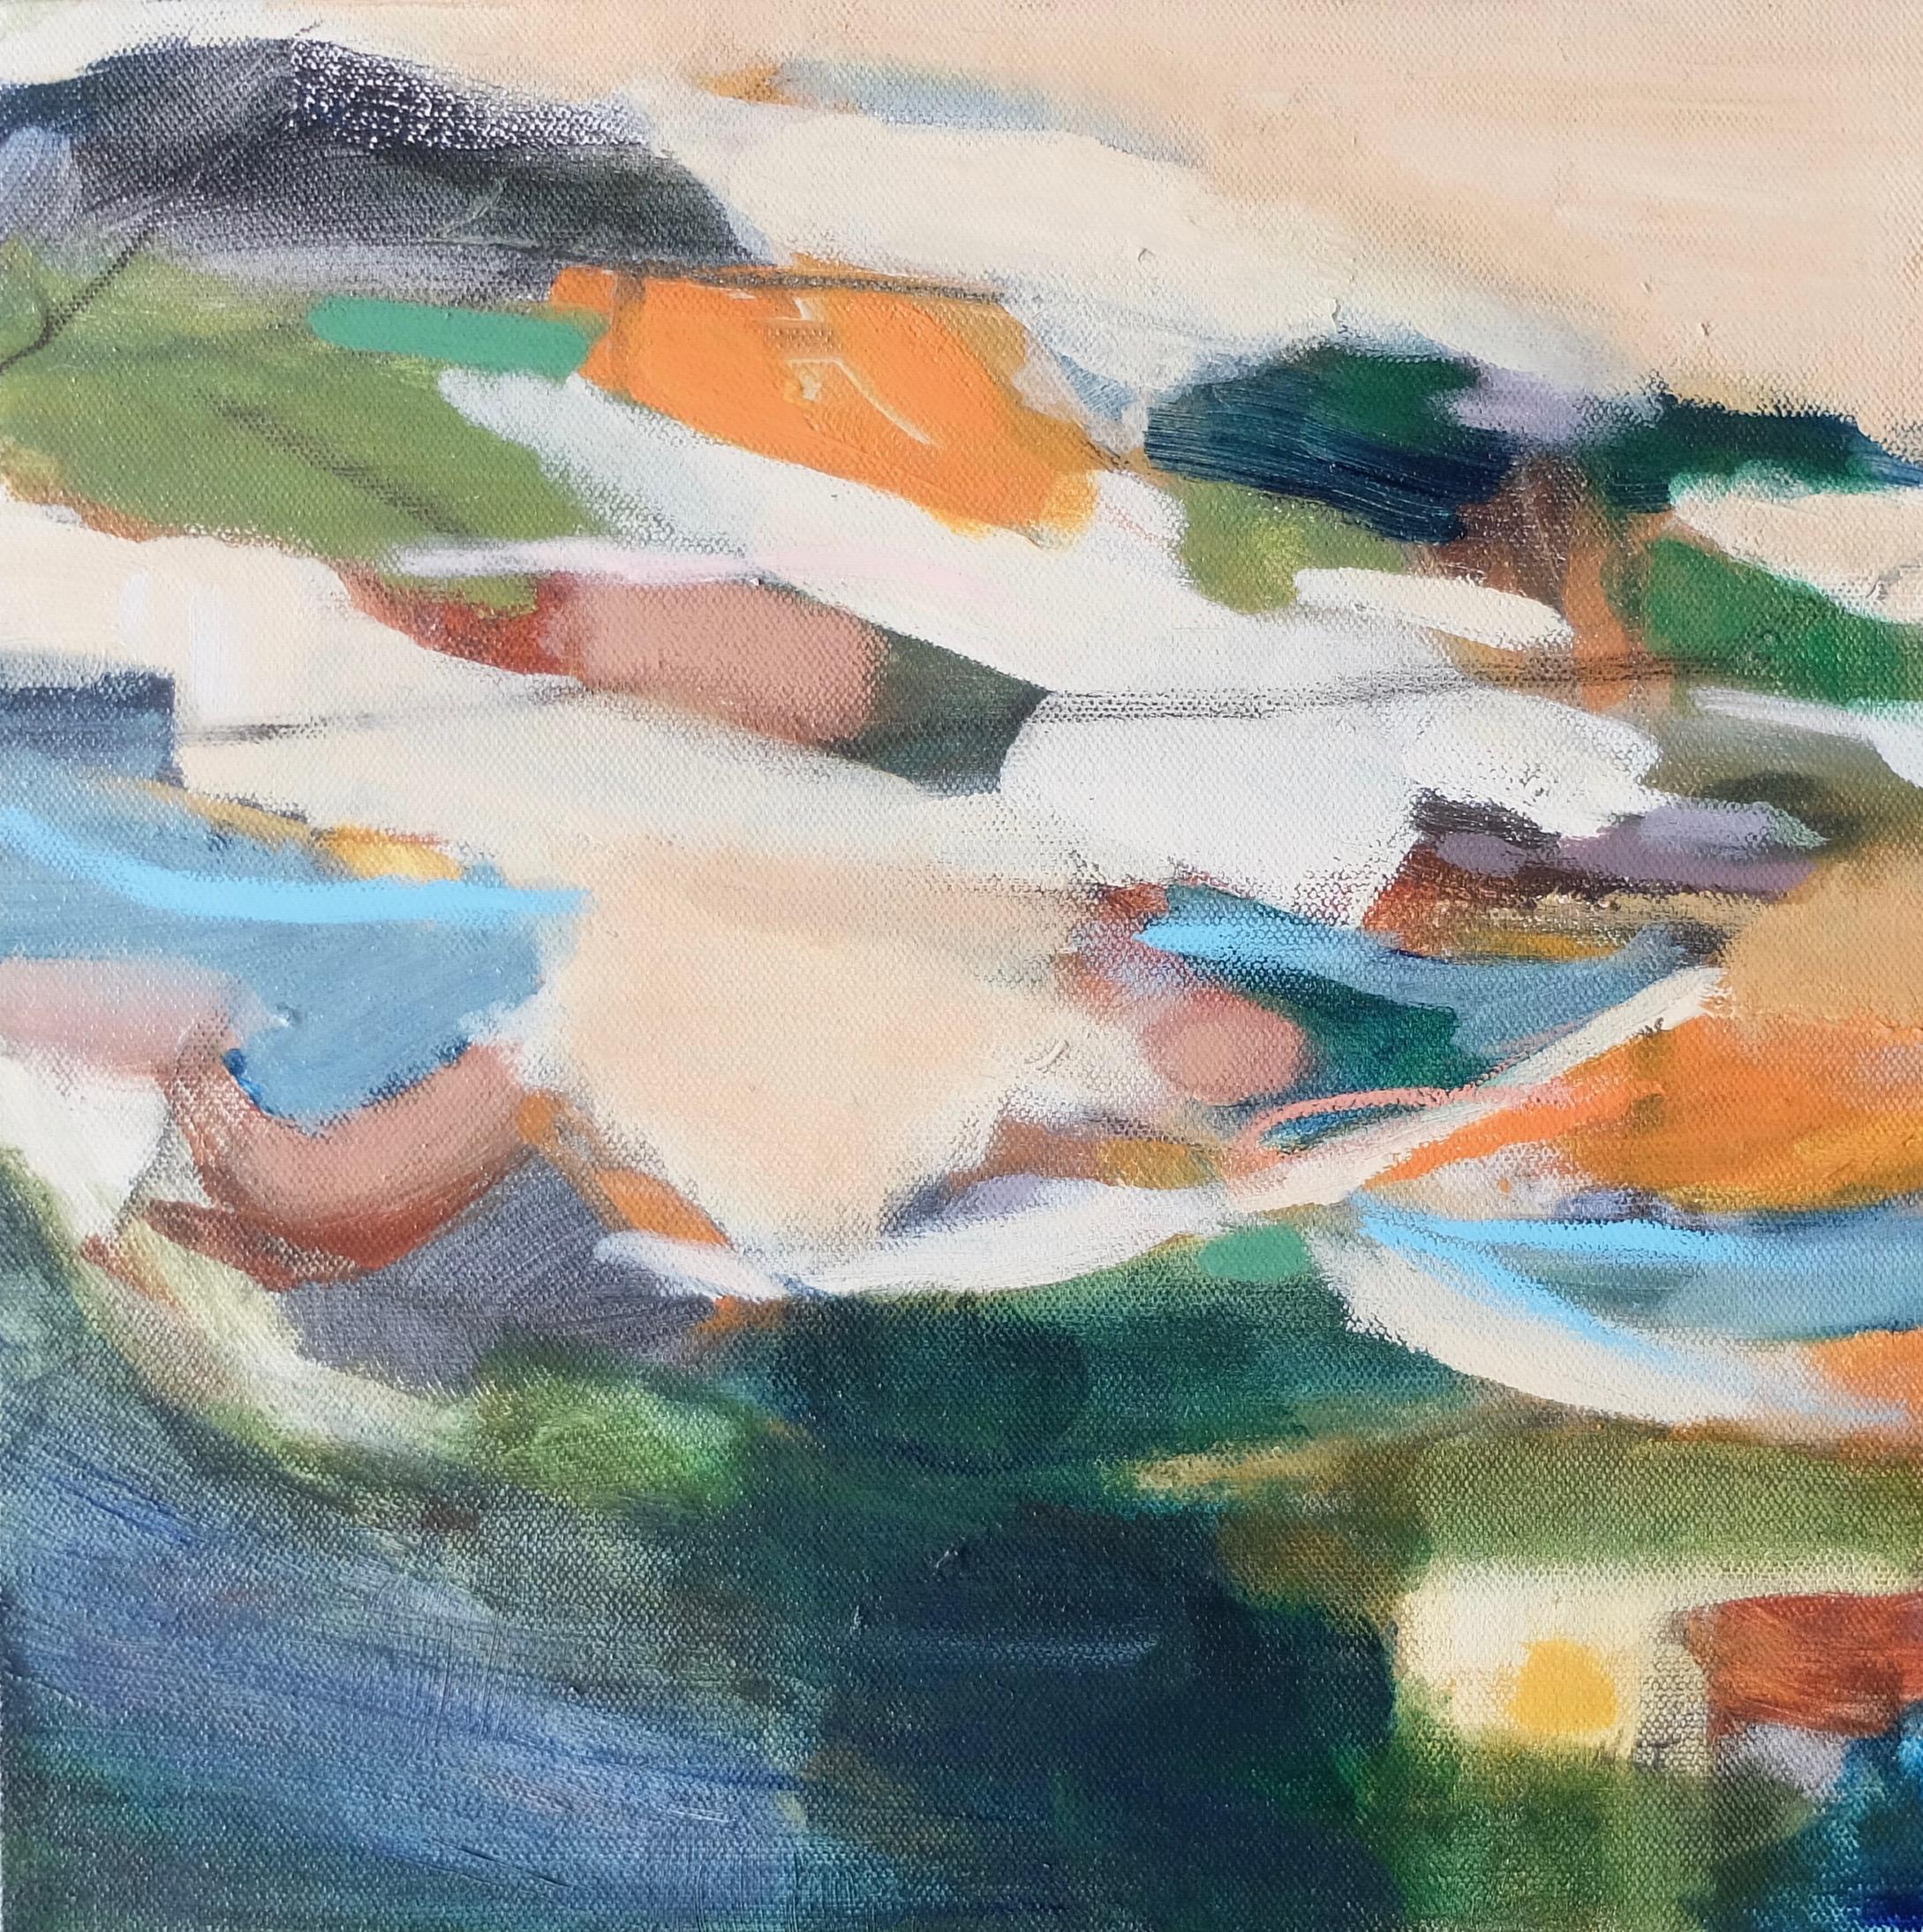 IMPRINTS 3  12 x 12 Framed/Acrylic/Mixed Media on Canvas